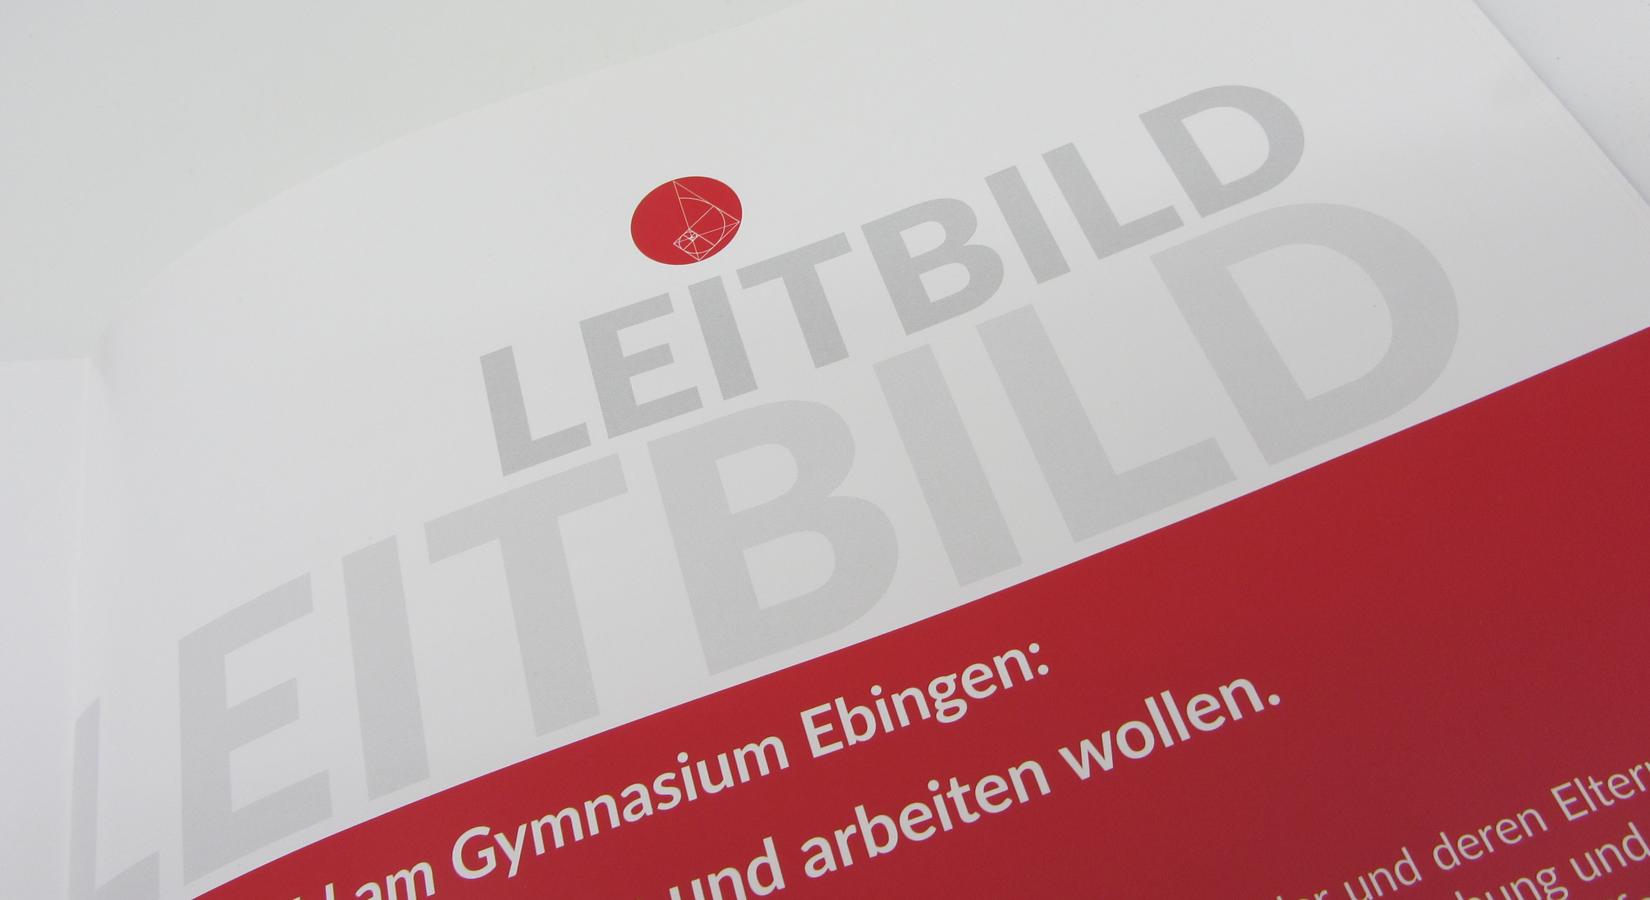 Detailansicht der Leitbildbroschüre des Gymnasiums Ebingen